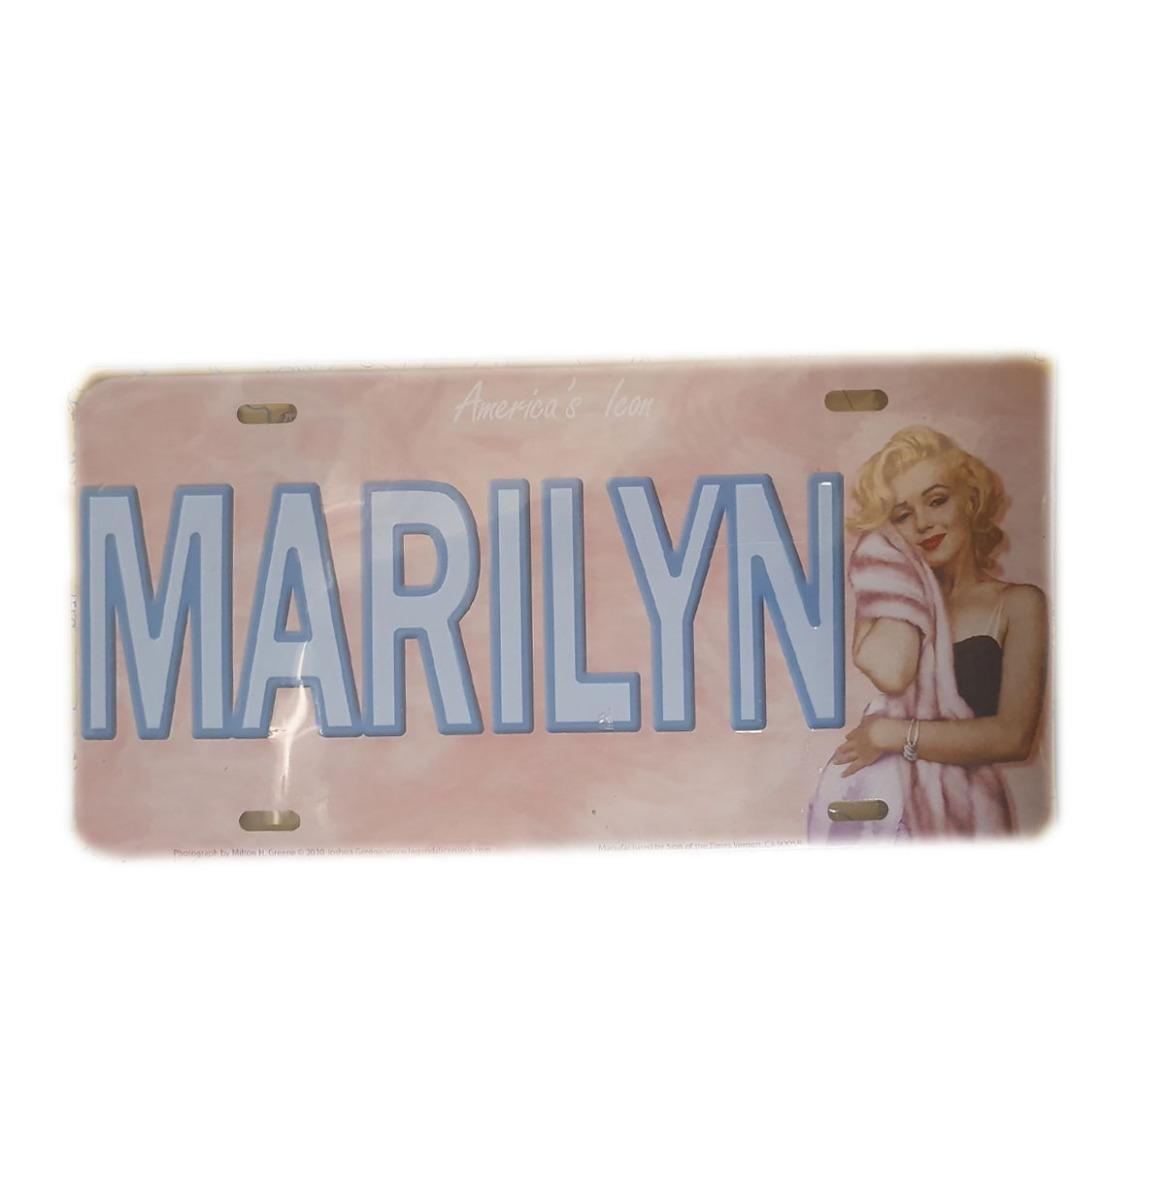 Marilyn MonroeKenteken Plaat Marilyn